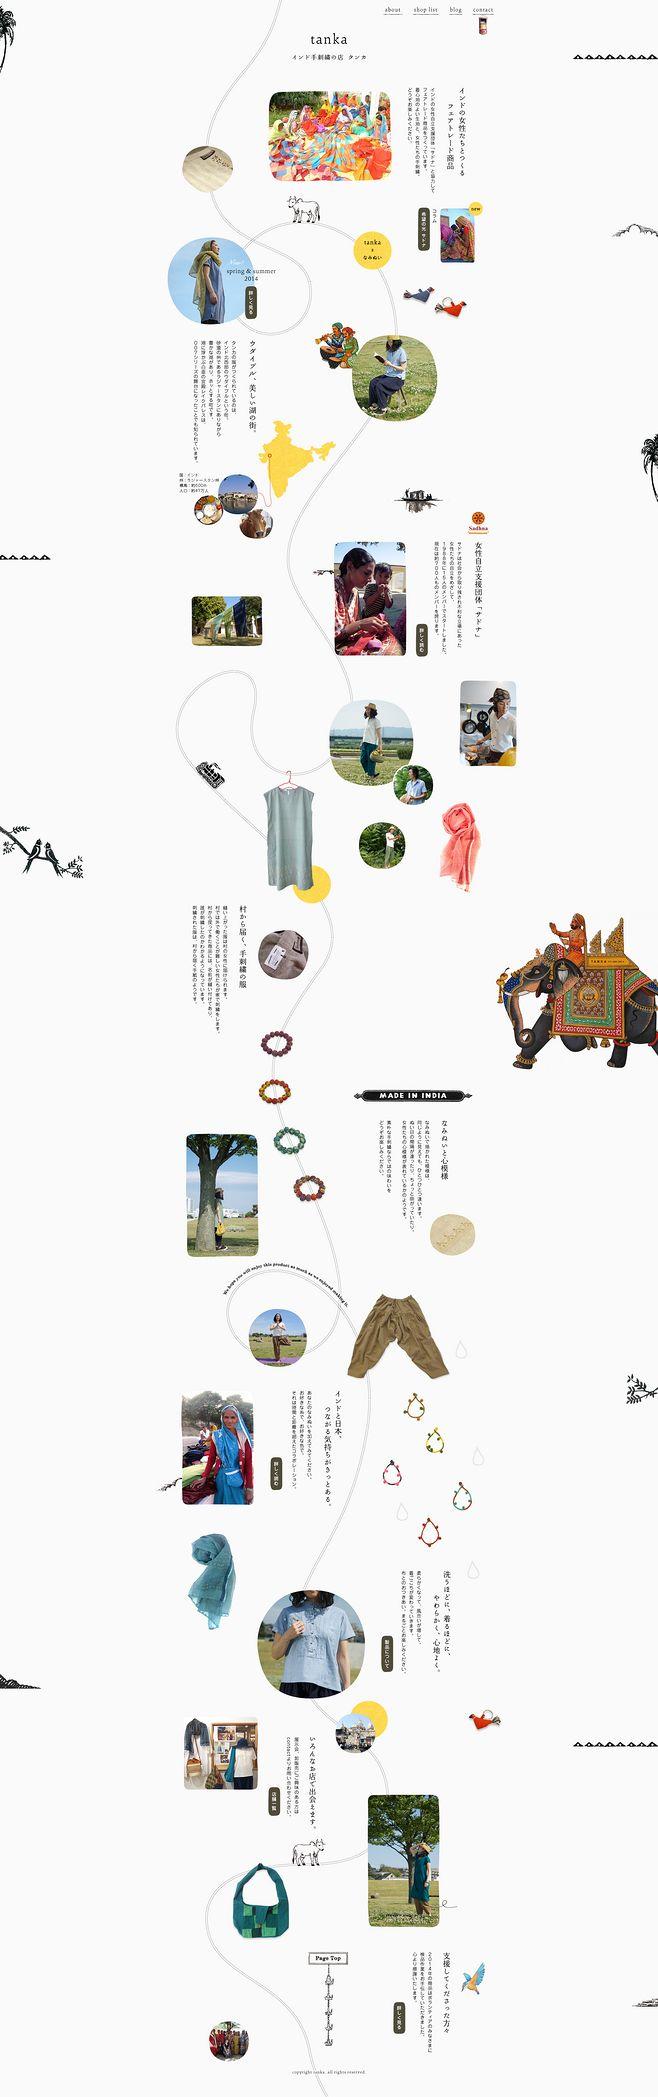 インド手刺繍の店 タンカ日本设计风格